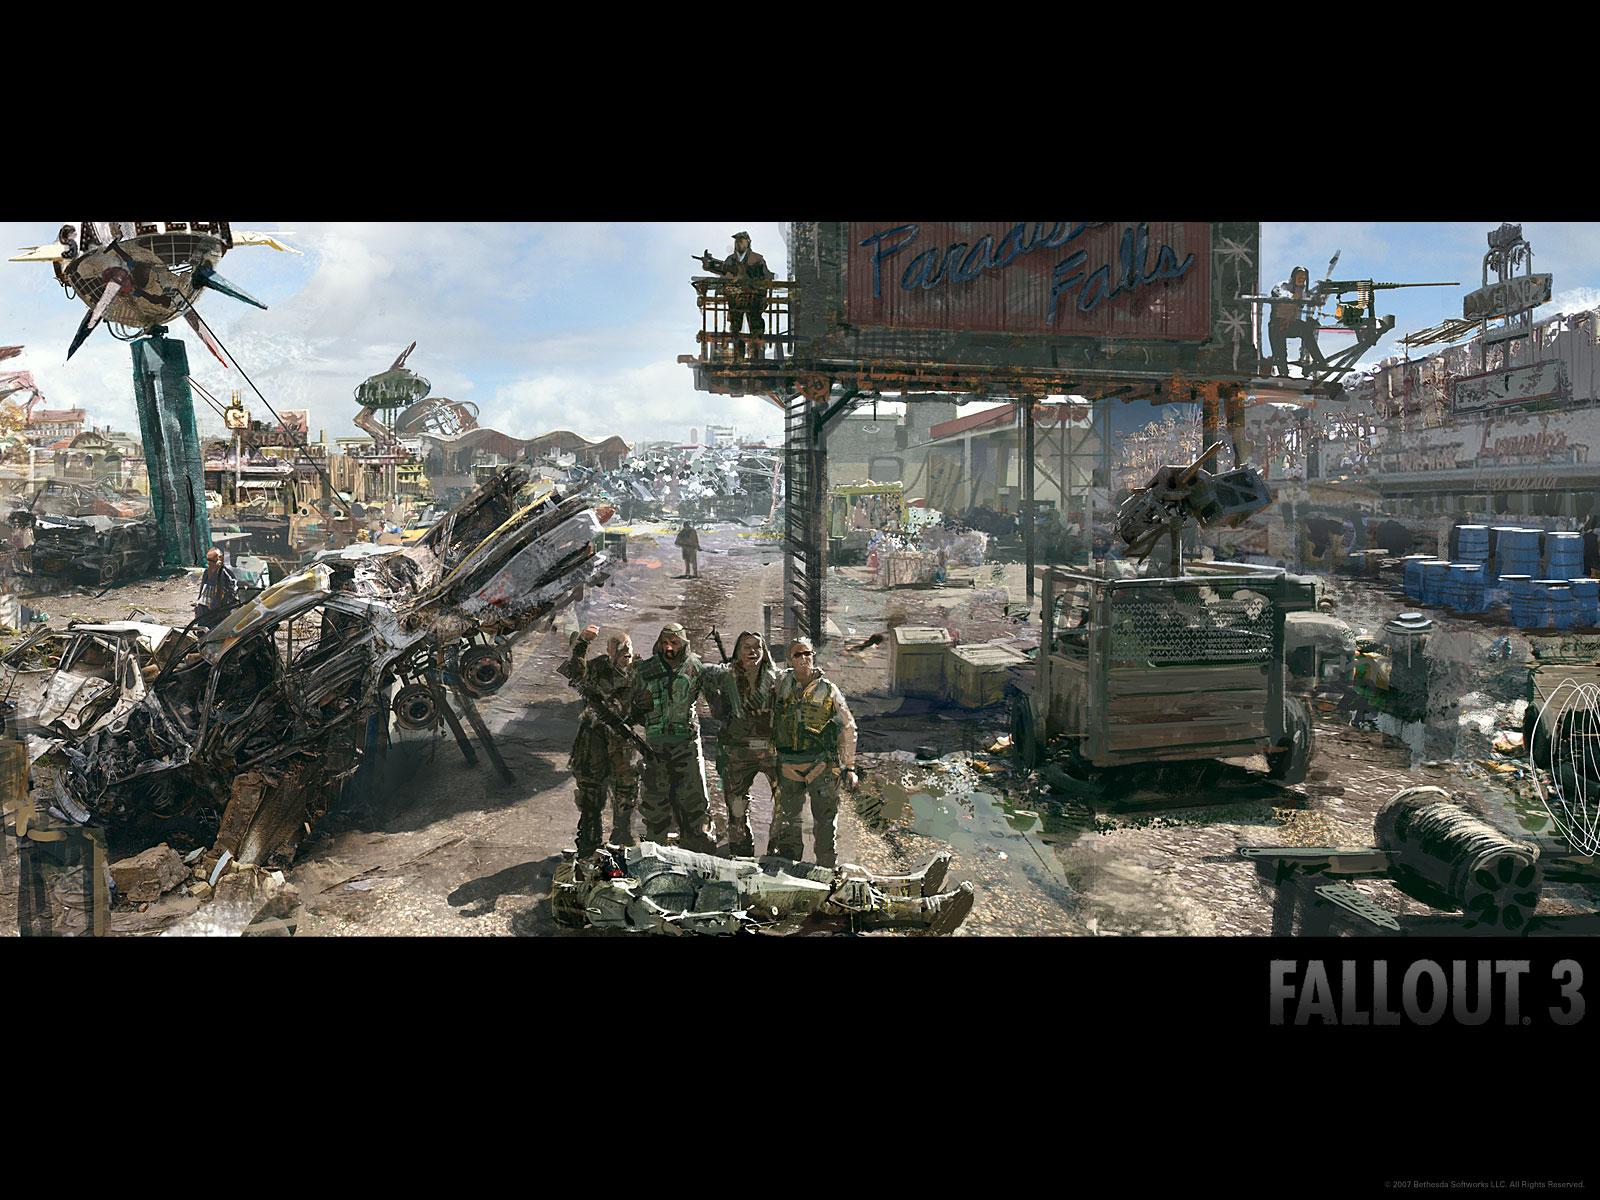 fallout-wp4-1600×1200.jpg